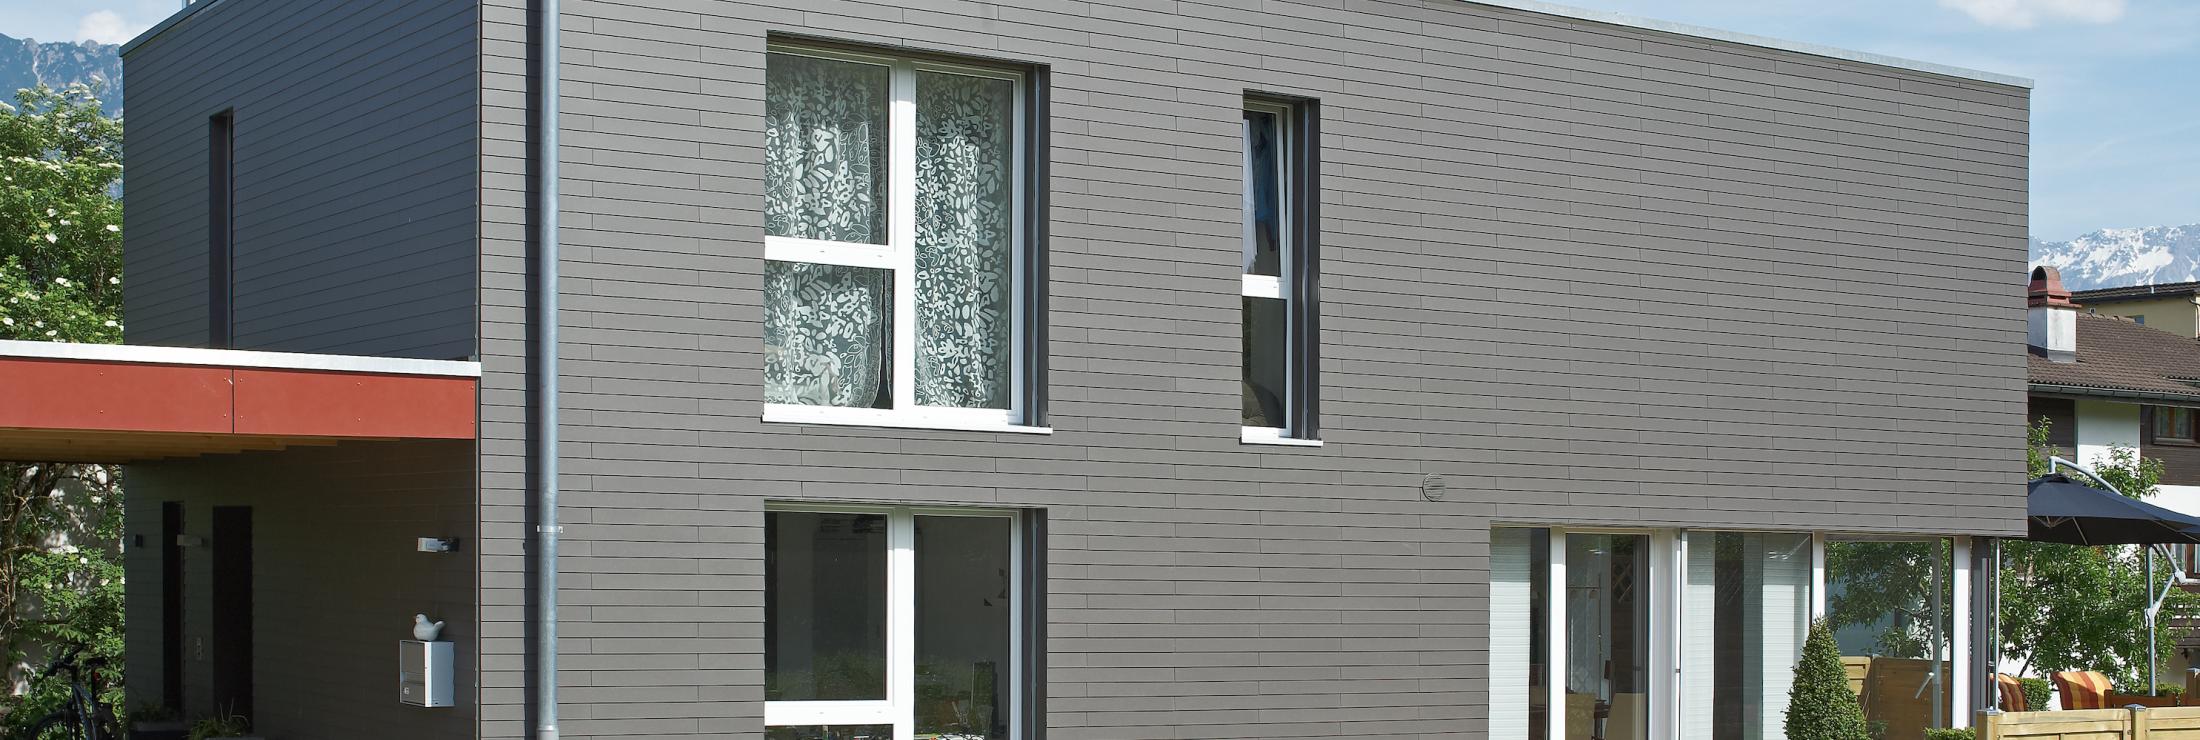 Swisspearl Fiber Cement Clinar Cladding Panels Banner